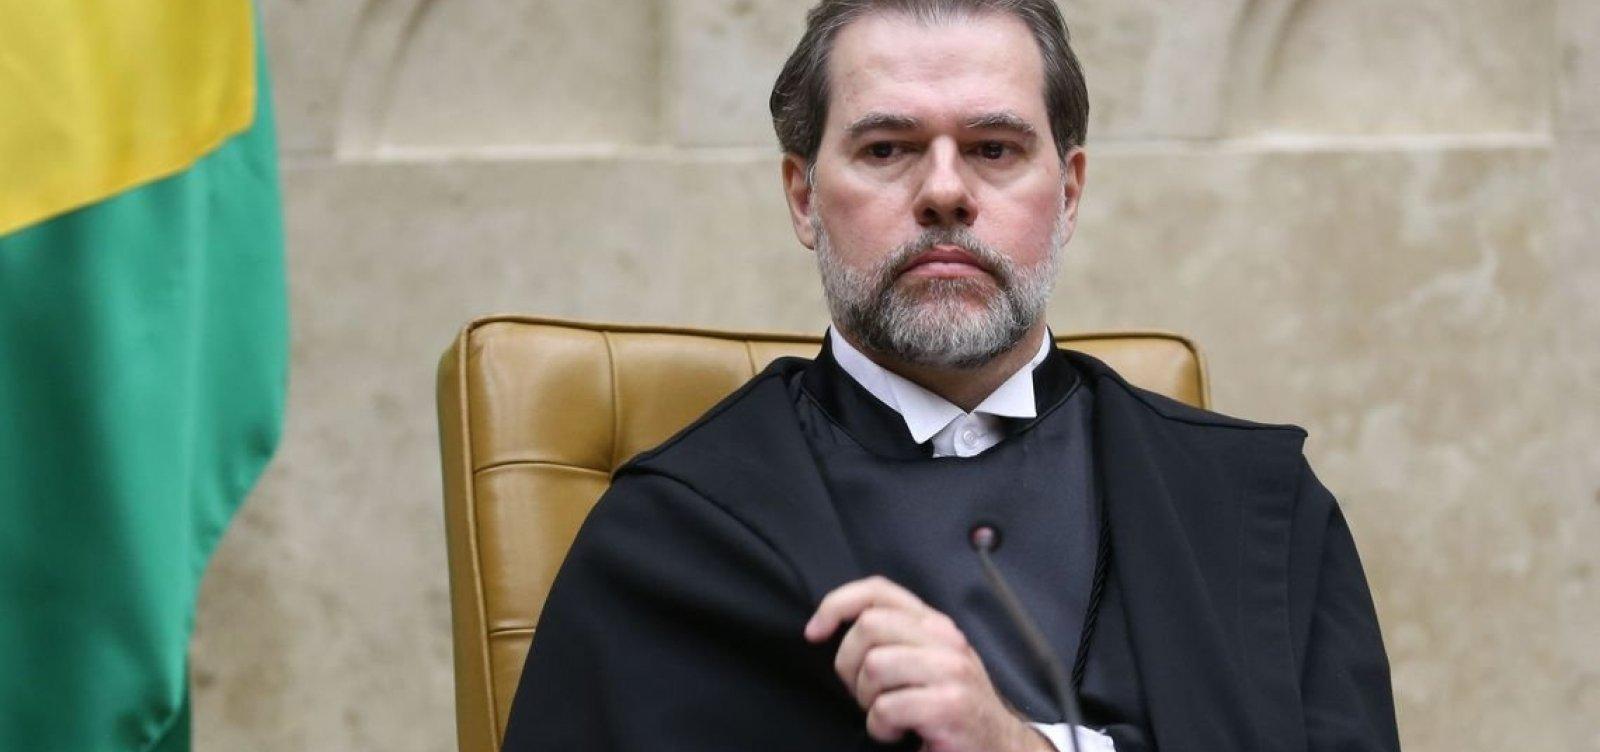 Após decisão de Toffoli, ao menos 700 investigações são paralisadas